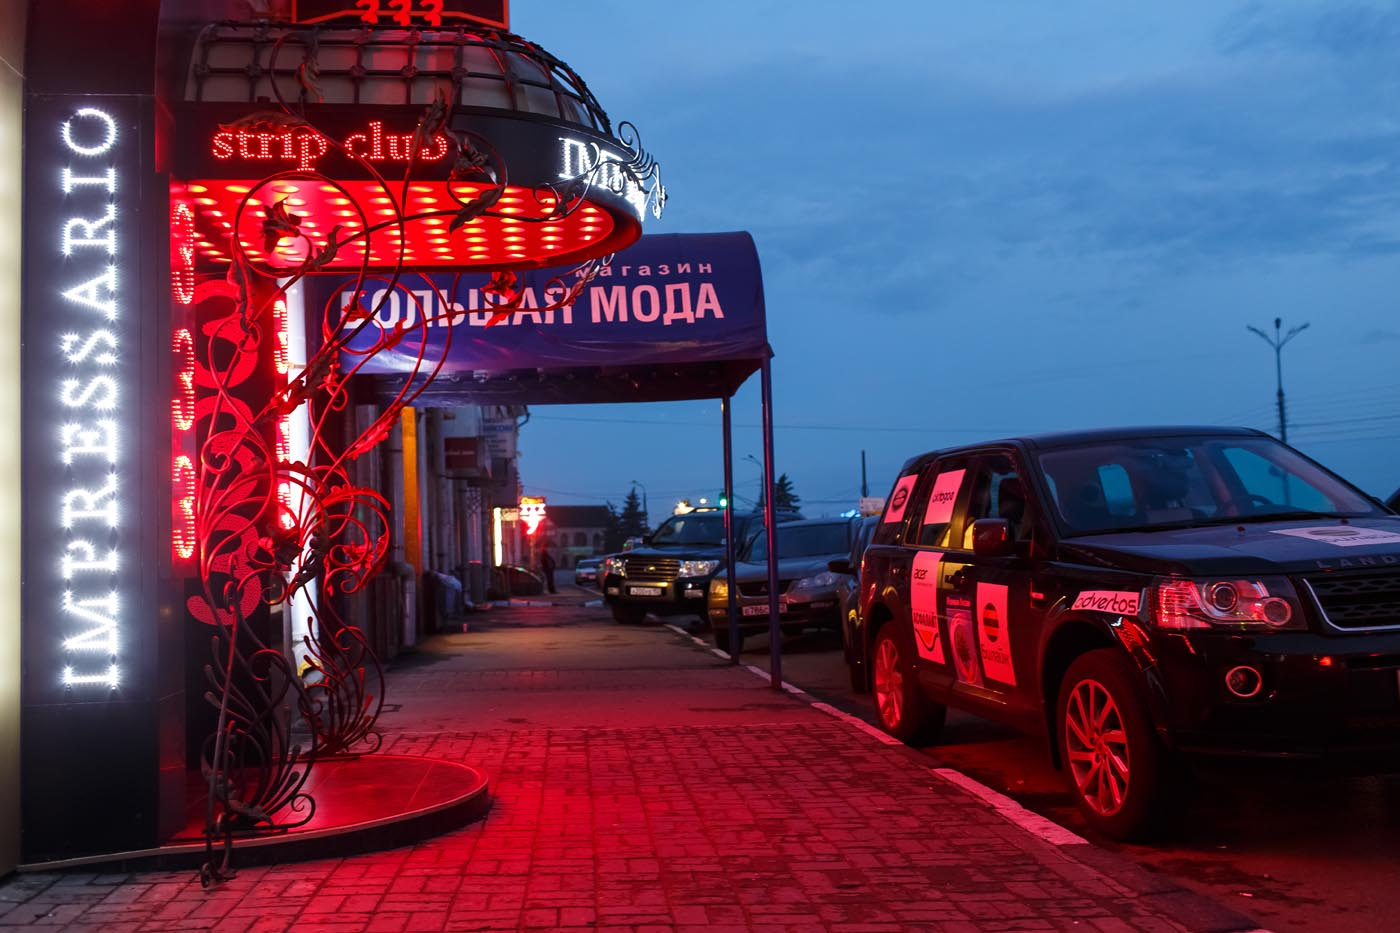 Ночной клуб, Нижний Новгород - фото Артёма Богданова